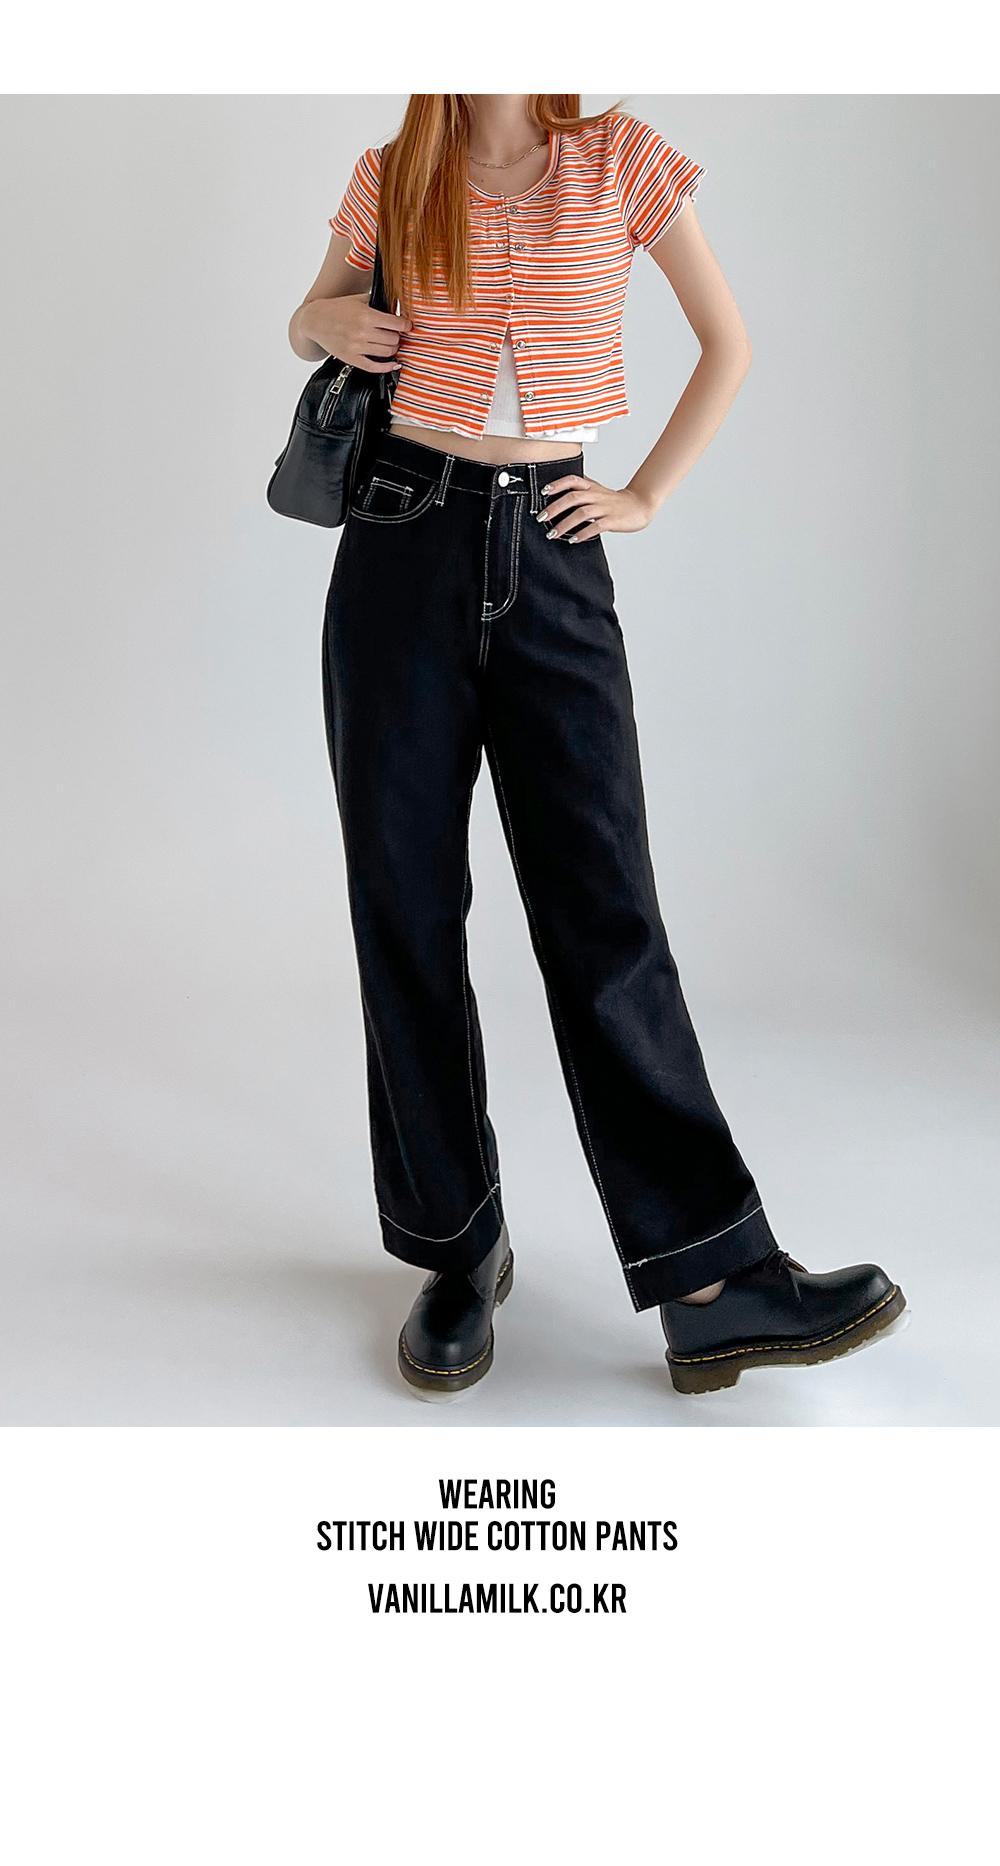 Wearing stitch wide cotton pants